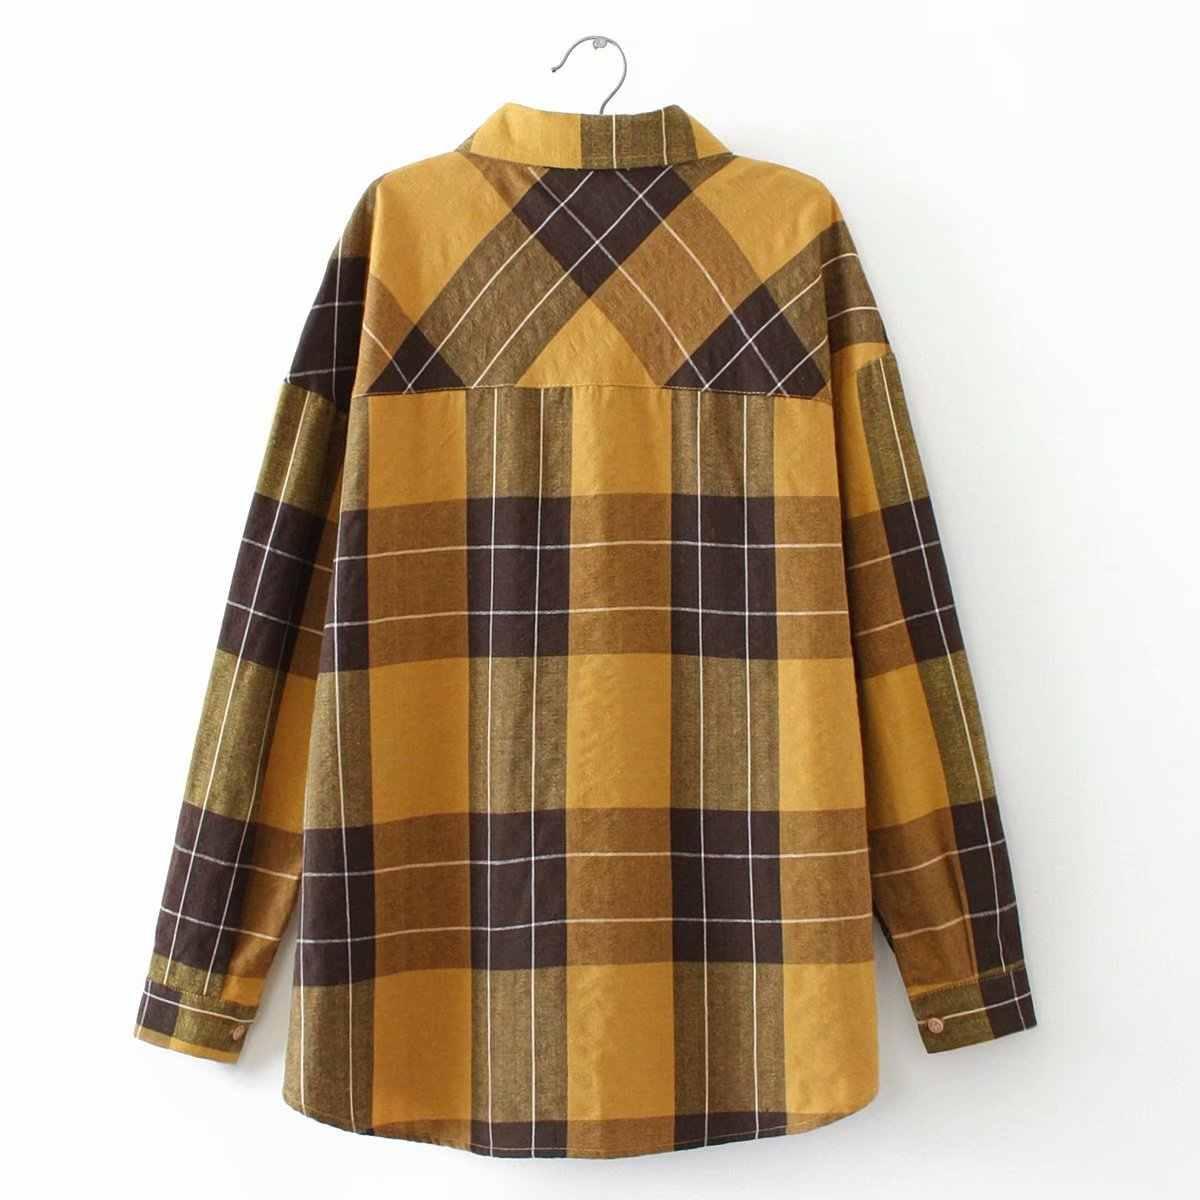 Большие размеры повседневные блузки 2019 осенние модные свободные хлопковые рубашки с длинными рукавами и двойным карманом женские F71-HT1091